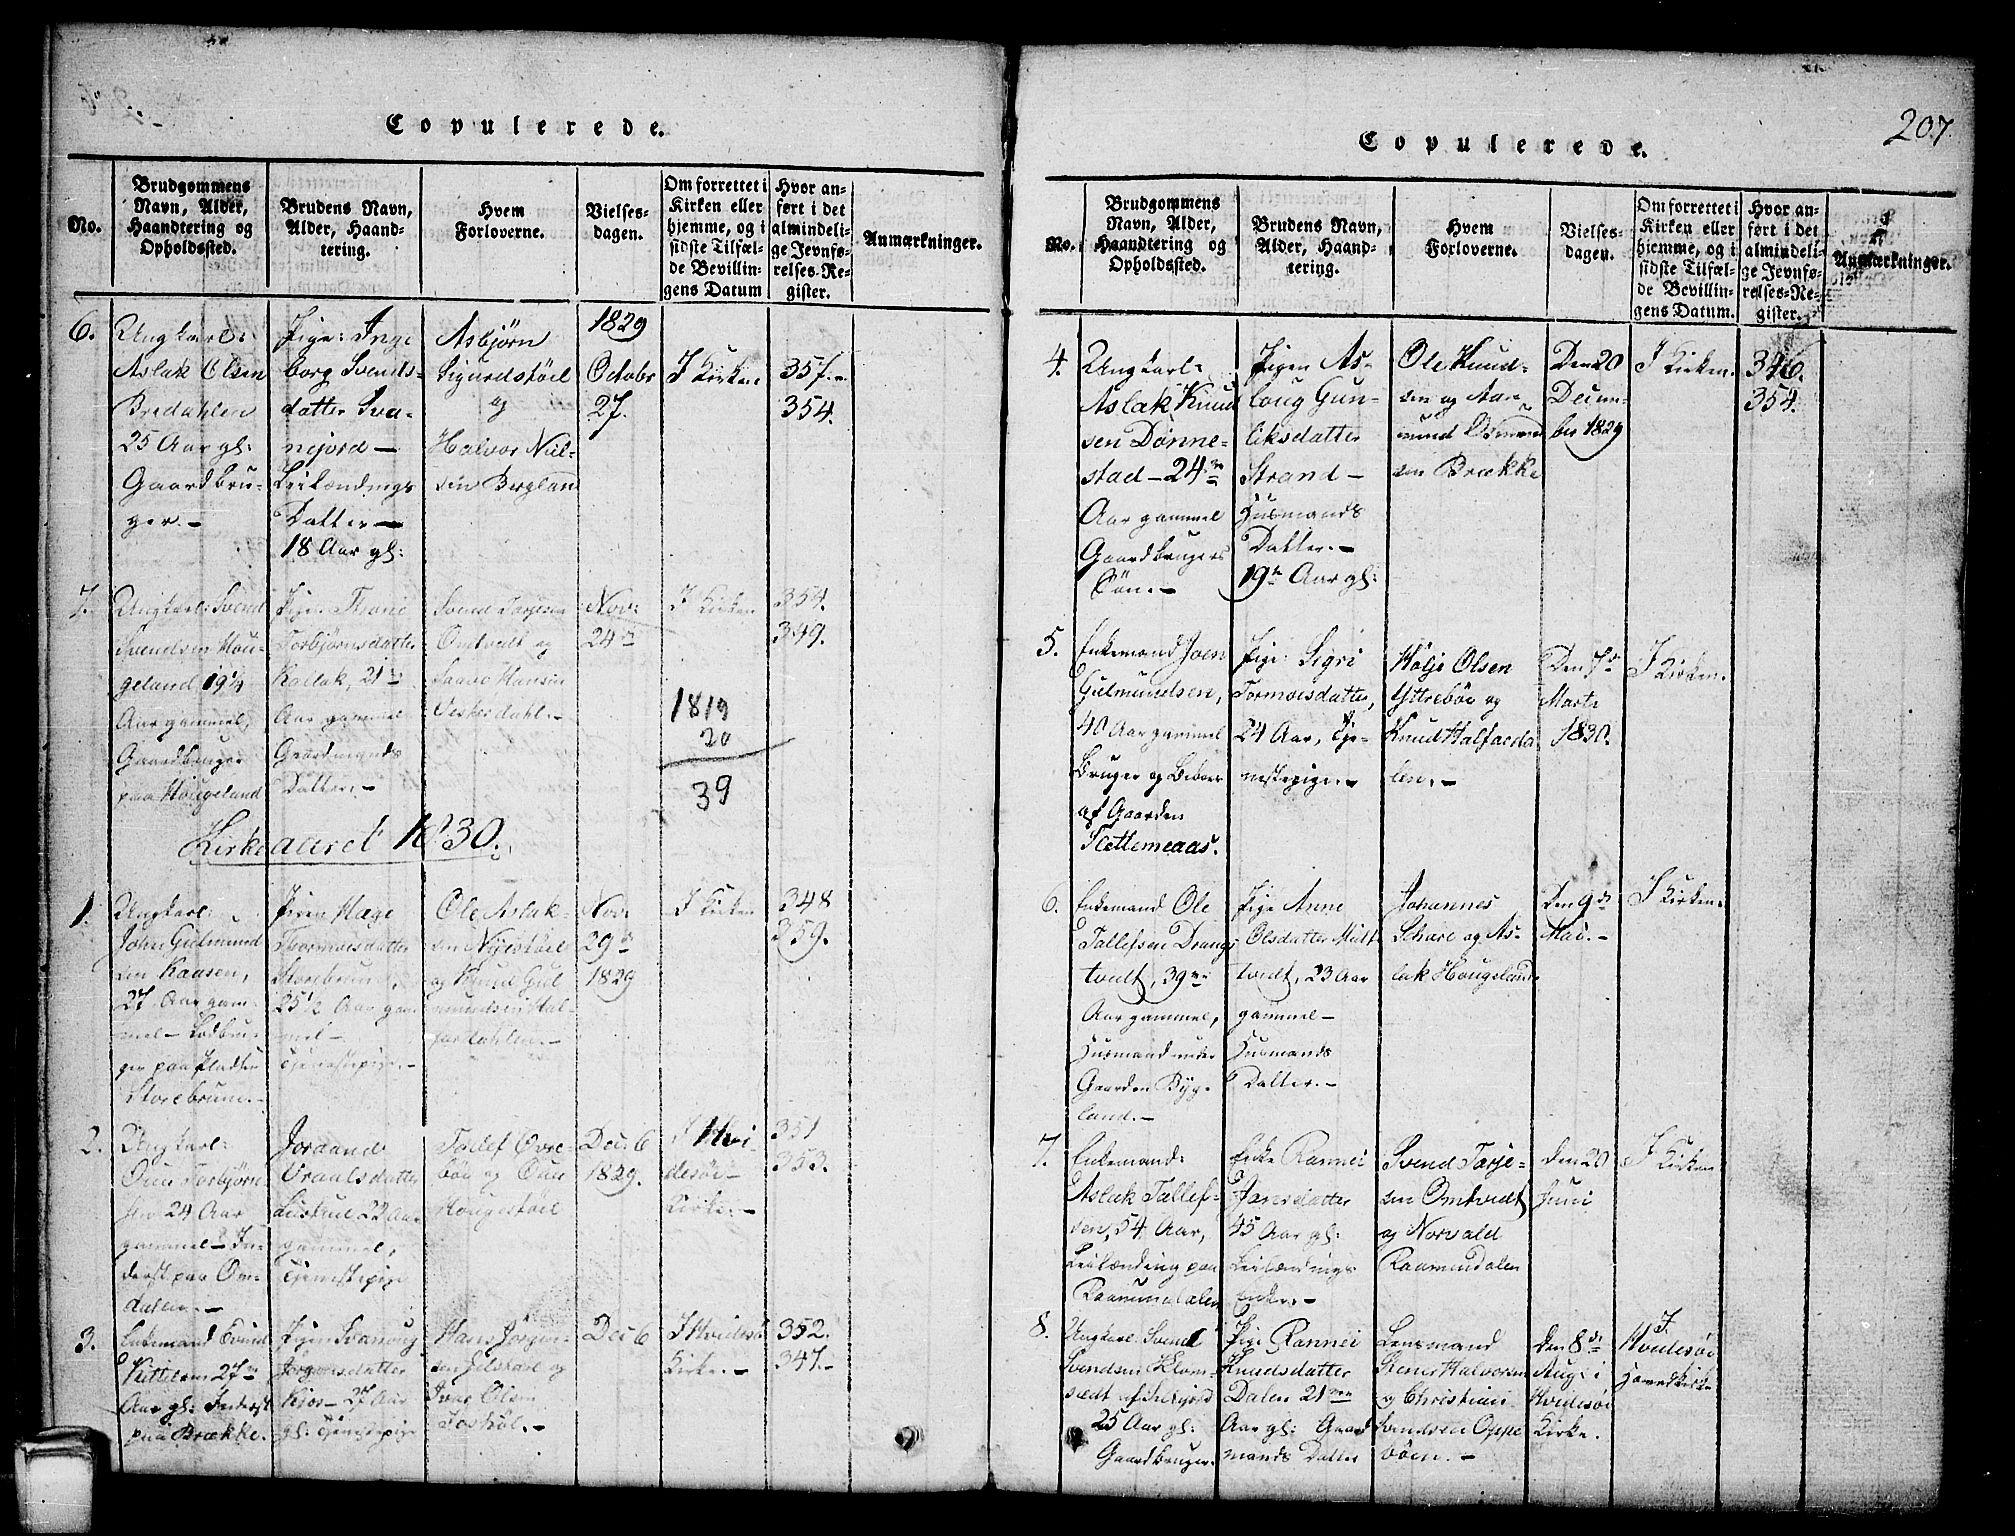 SAKO, Kviteseid kirkebøker, G/Gb/L0001: Klokkerbok nr. II 1, 1815-1842, s. 207